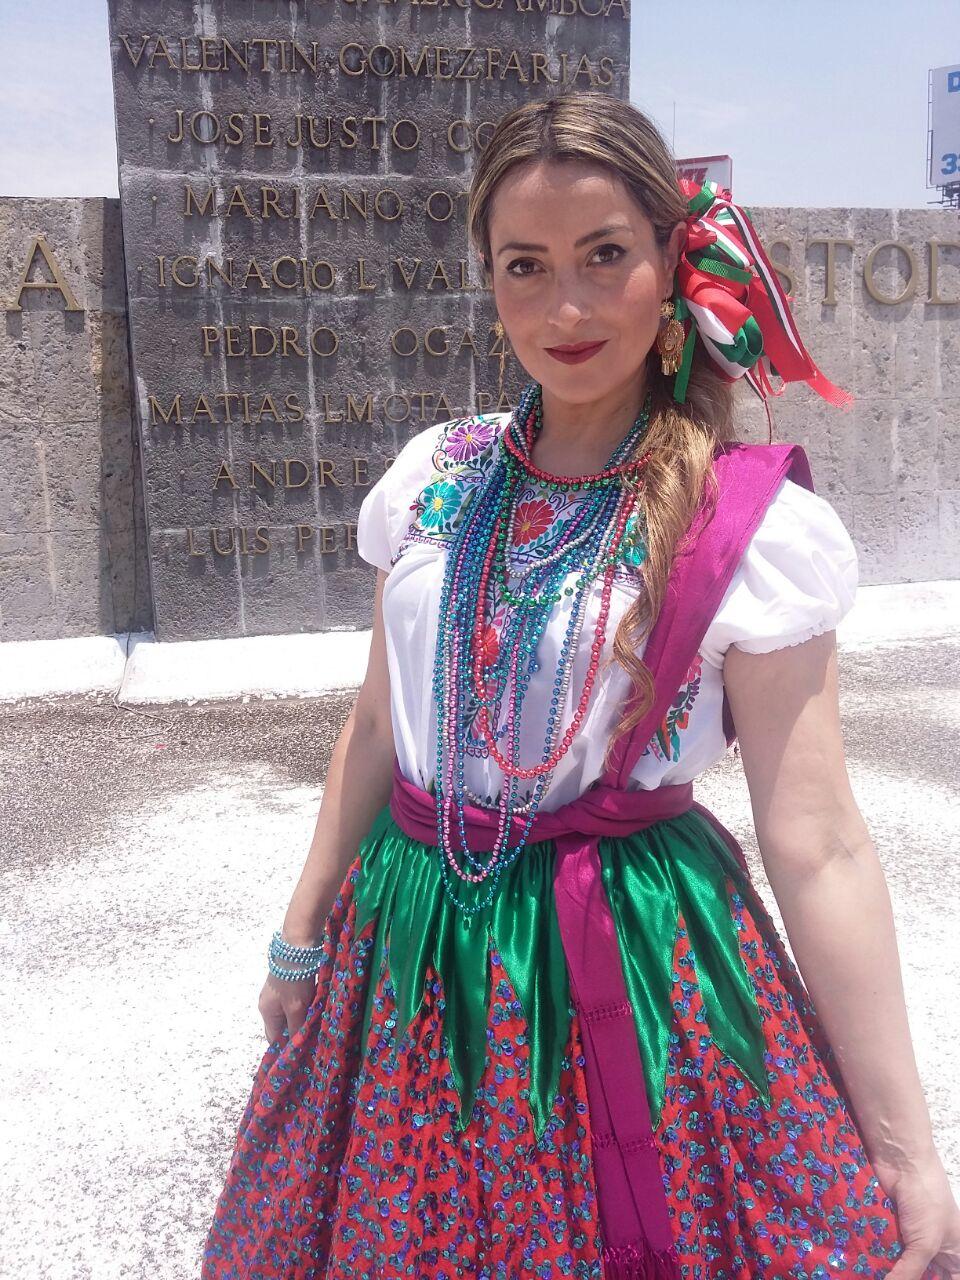 Millyta vestida com roupas típicas em Guadalajara, no México